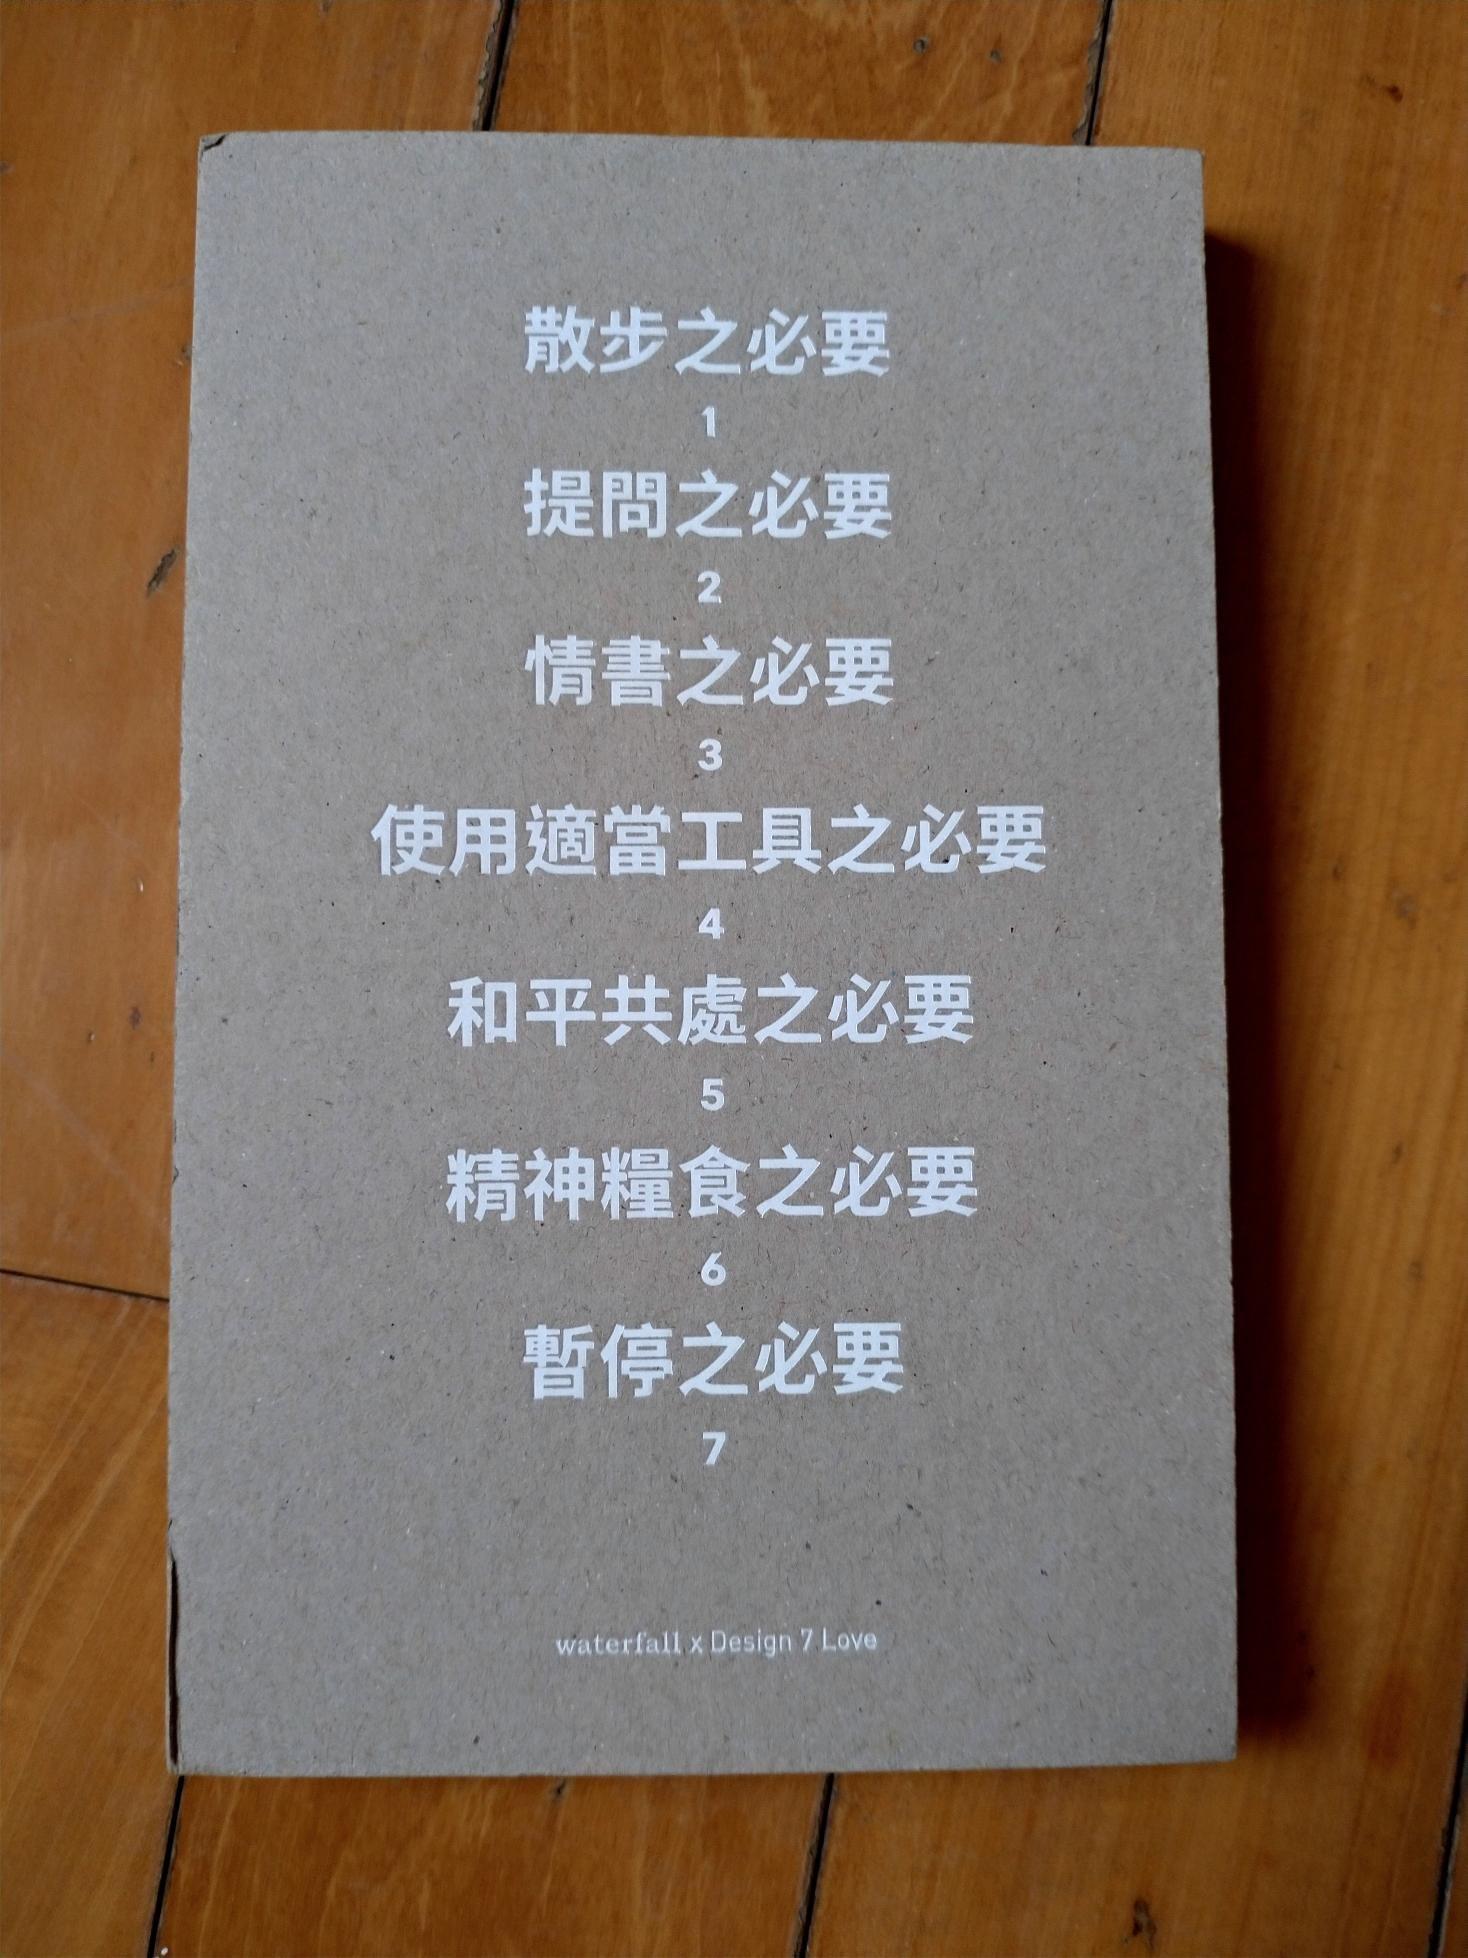 相愛的七種設計 特別設計限量版電影影像書